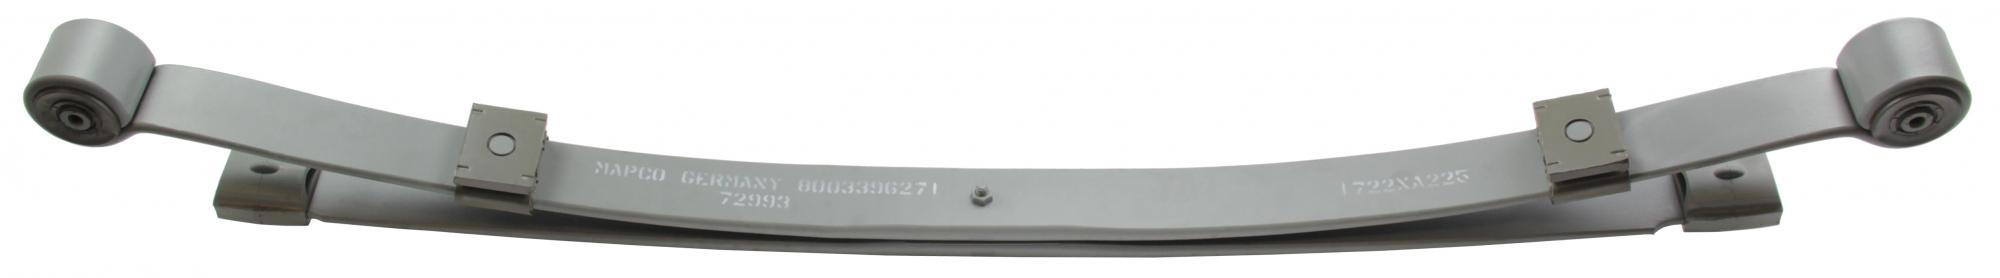 MAPCO 72993 Federnpaket